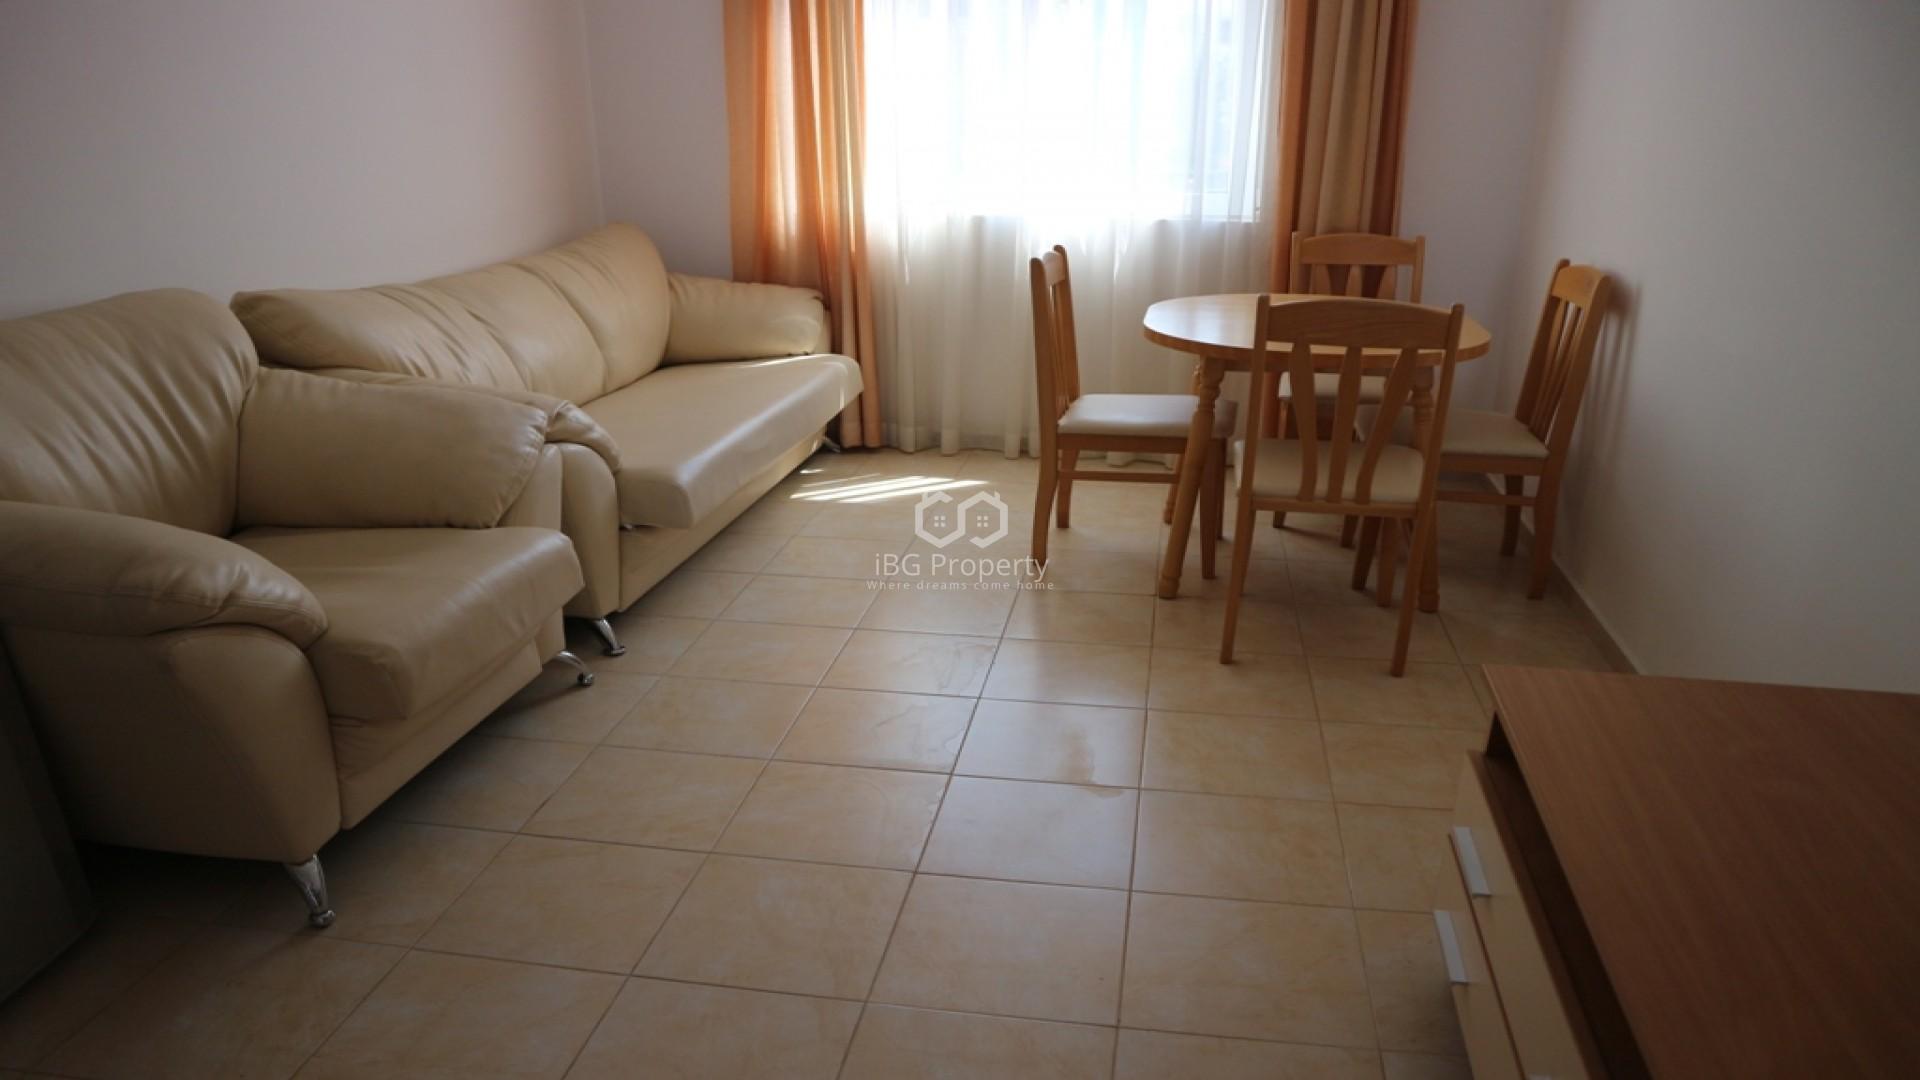 Dreizimmerwohnung in Sonnenstrand 64 m2